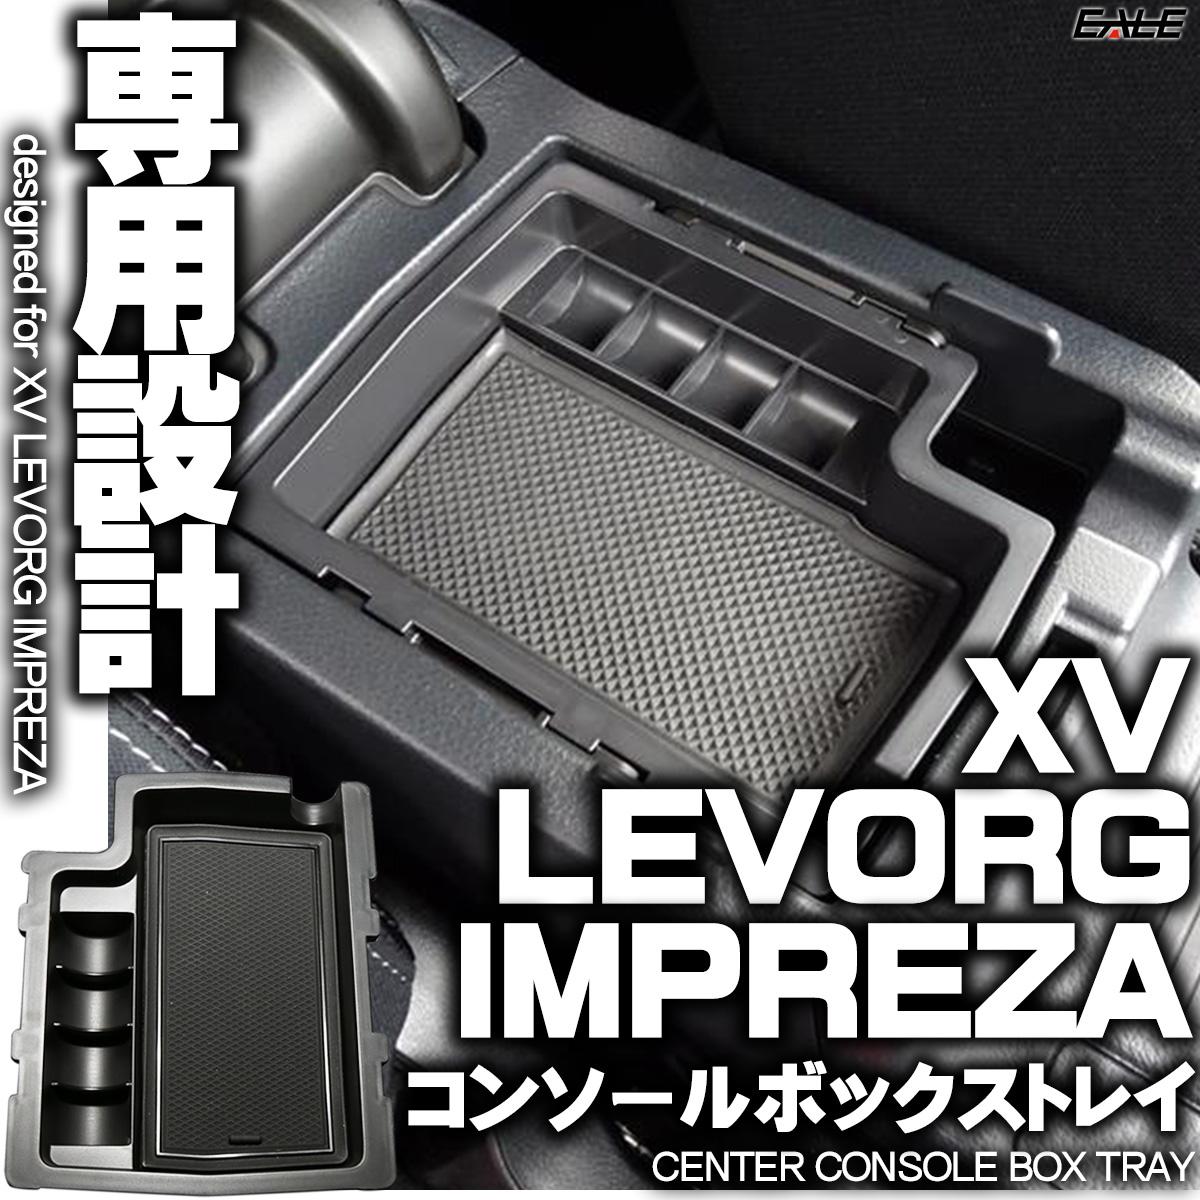 センター コンソール ボックス トレイ XV LEVORG レヴォーグ IMPREZA インプレッサ 専用設計 S-861